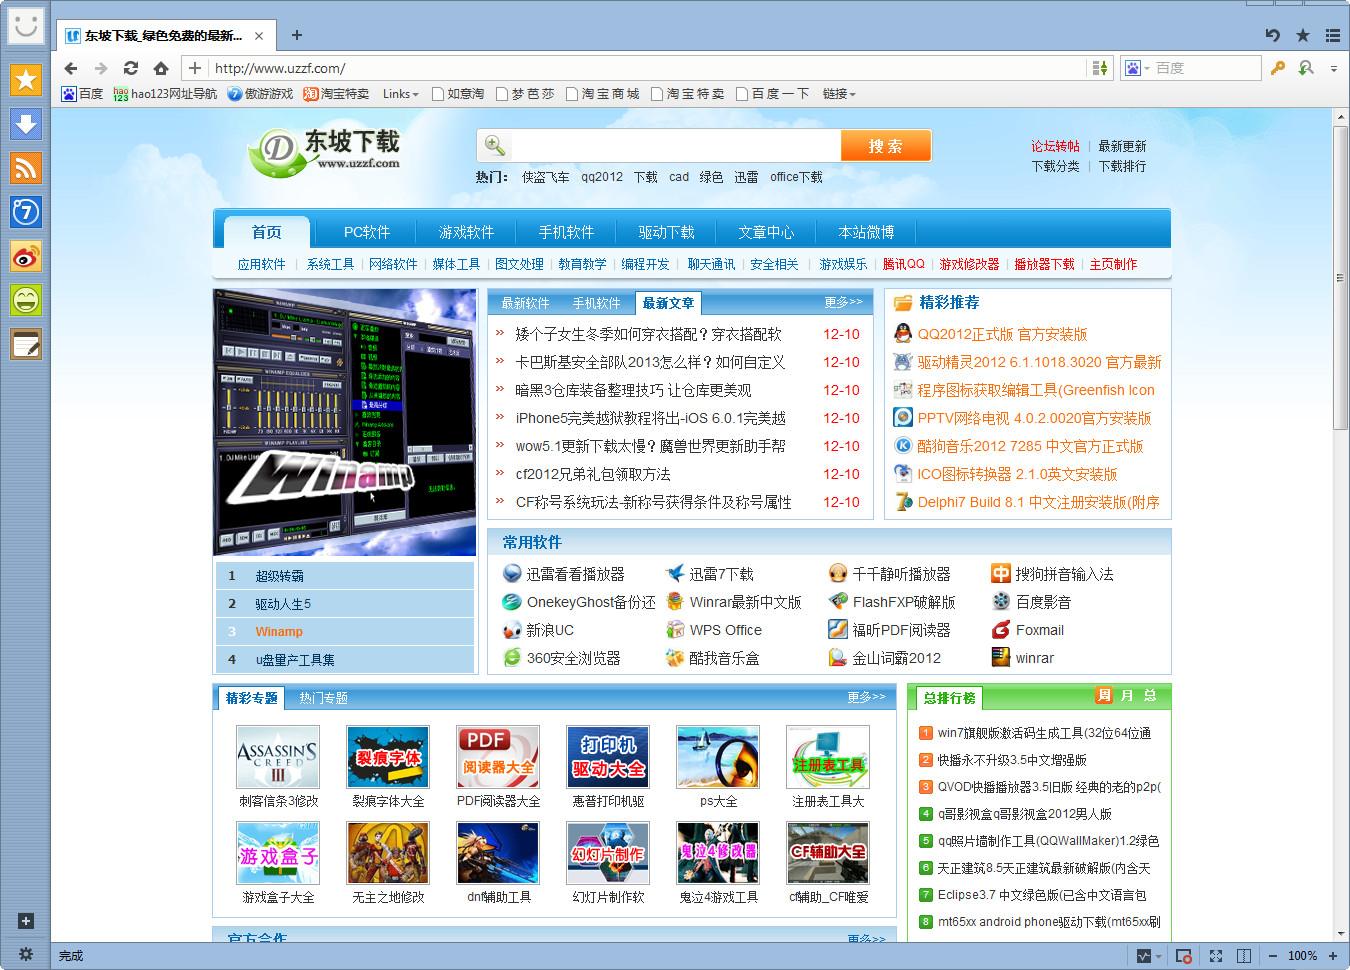 傲游云浏览器5国际版截图1